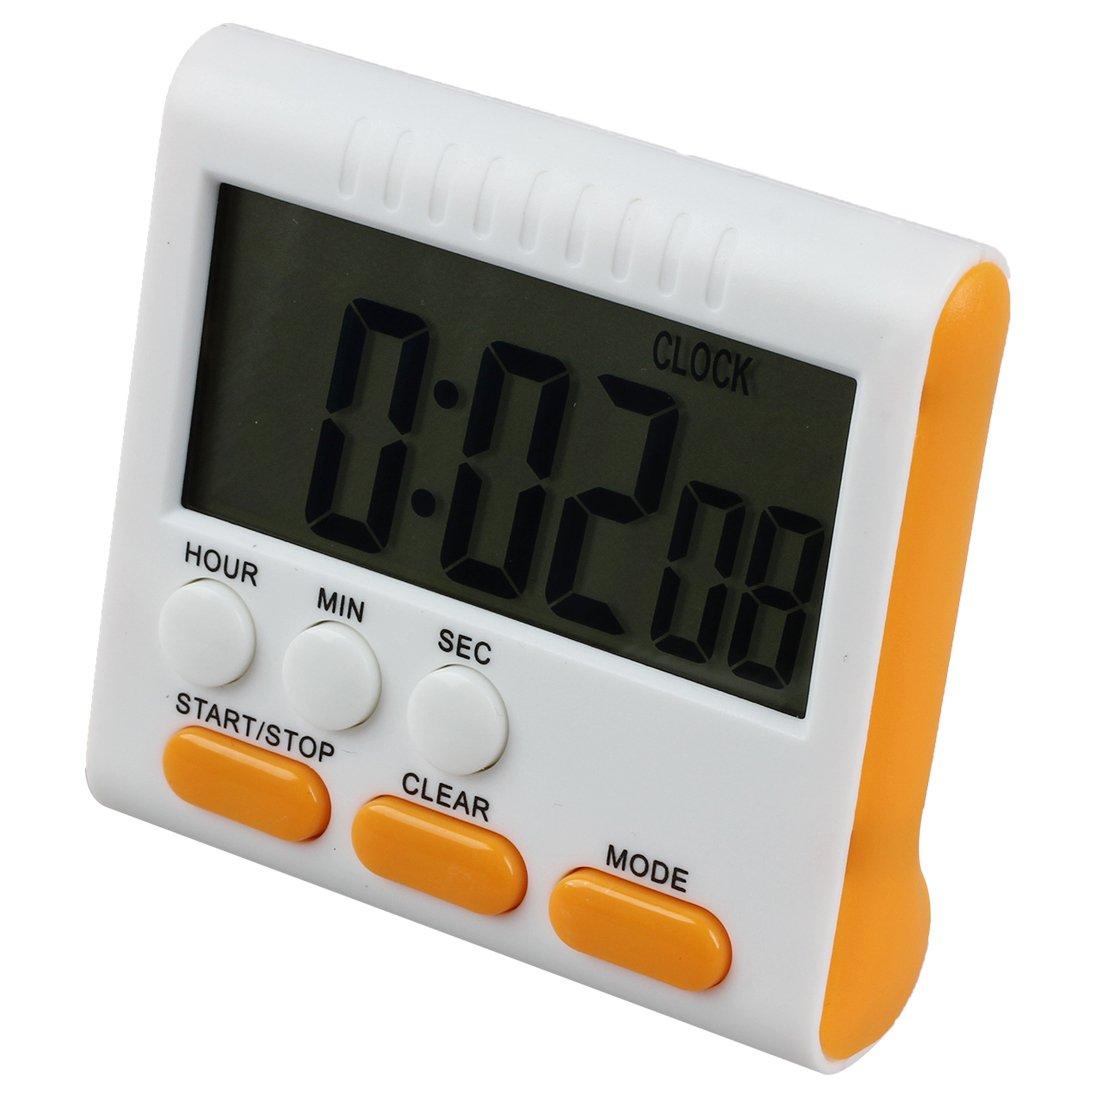 TOOGOO Minuterie d'oeuf numerique / Minuterie de cuisine avec une alarme sonore, fonction haut et bas, support magnetique, jaune et orange